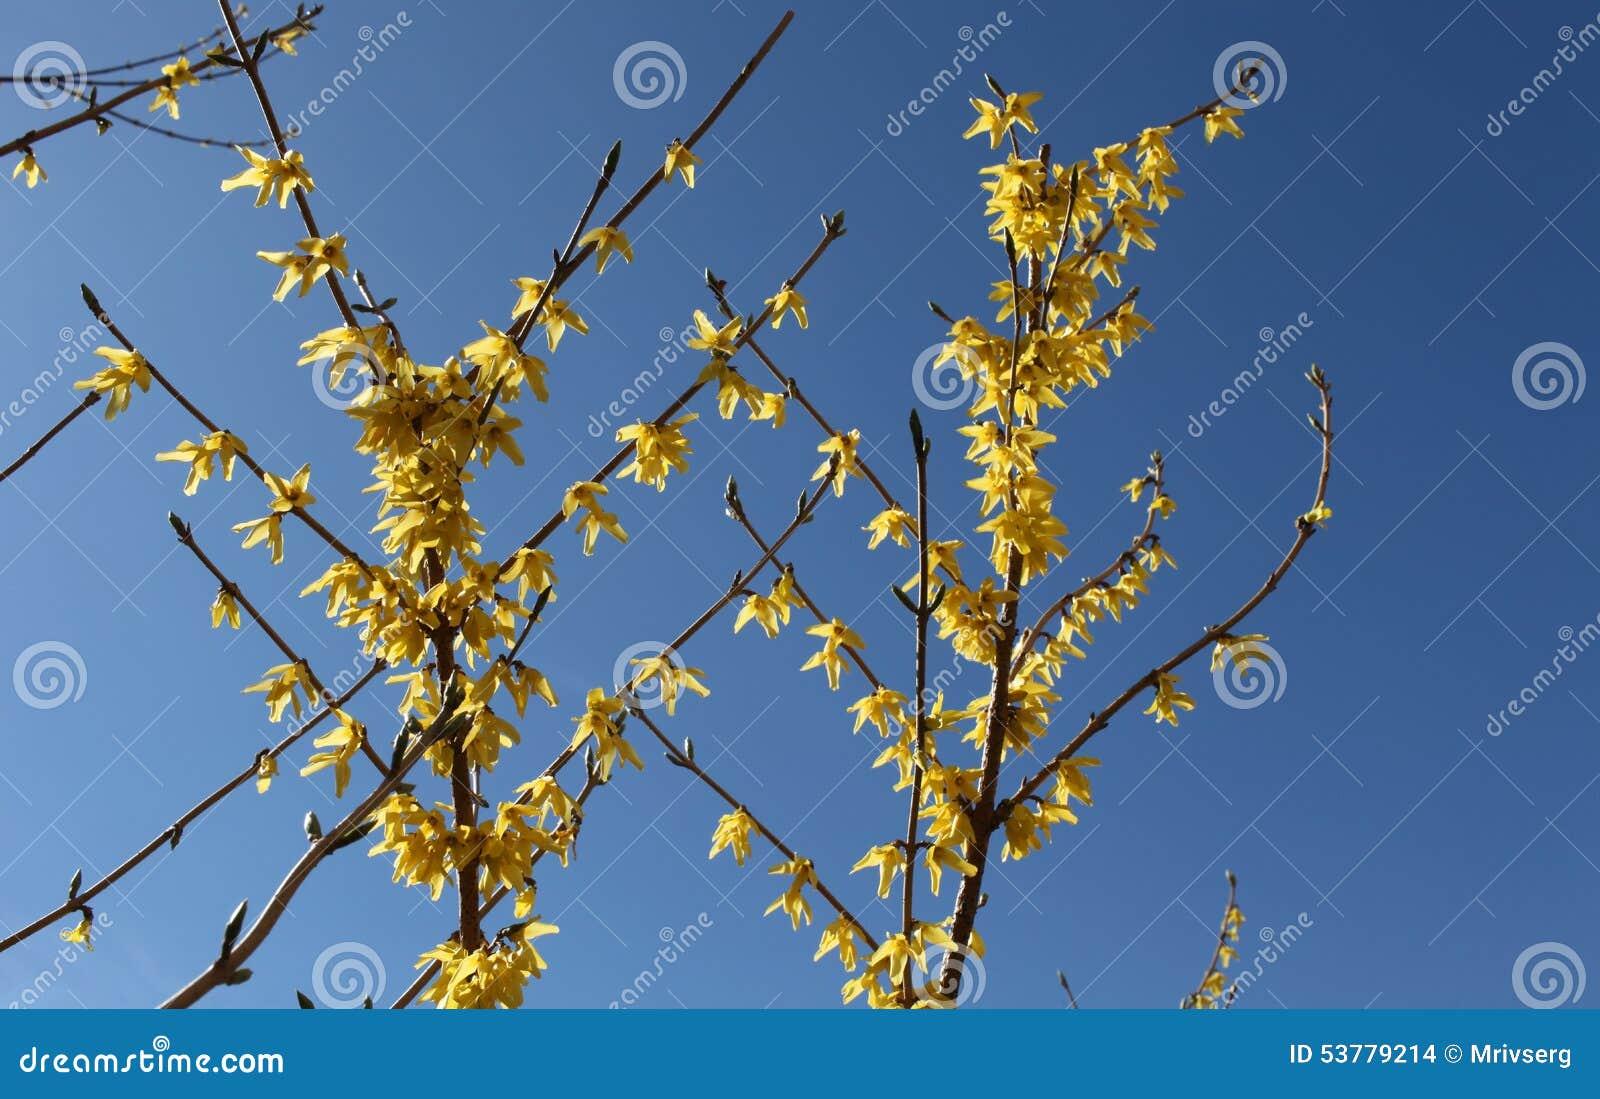 Kolor żółty kwitnie forthysia